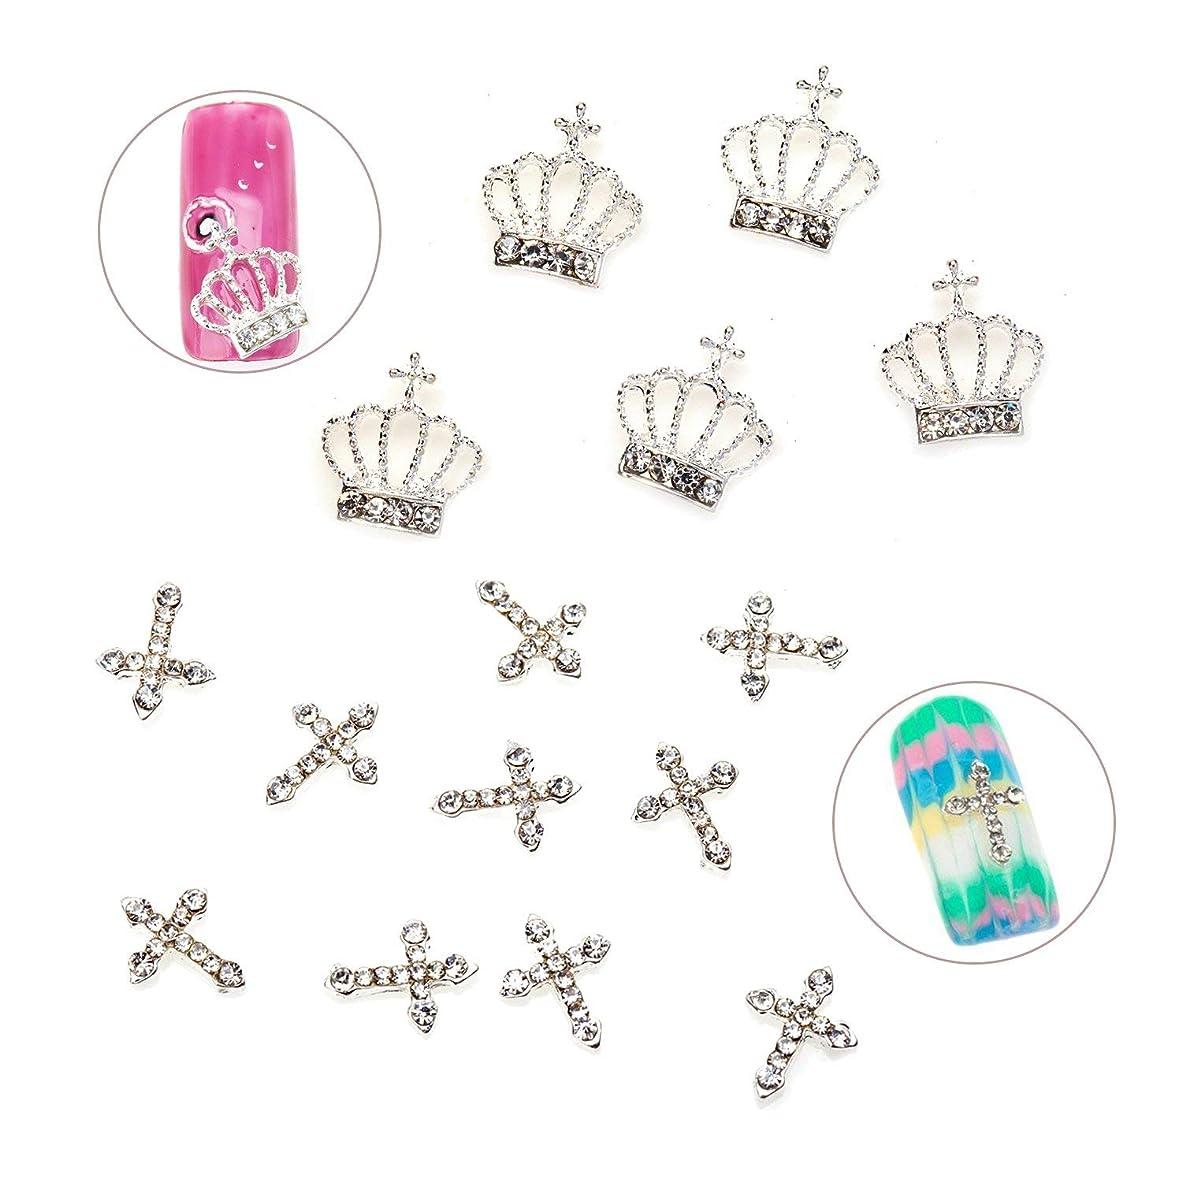 ラインストーン/宝石/クリスタル/宝石と王冠と十字架を含む15個の品質の金属3D装飾のユニークなプロのネイルアートセット